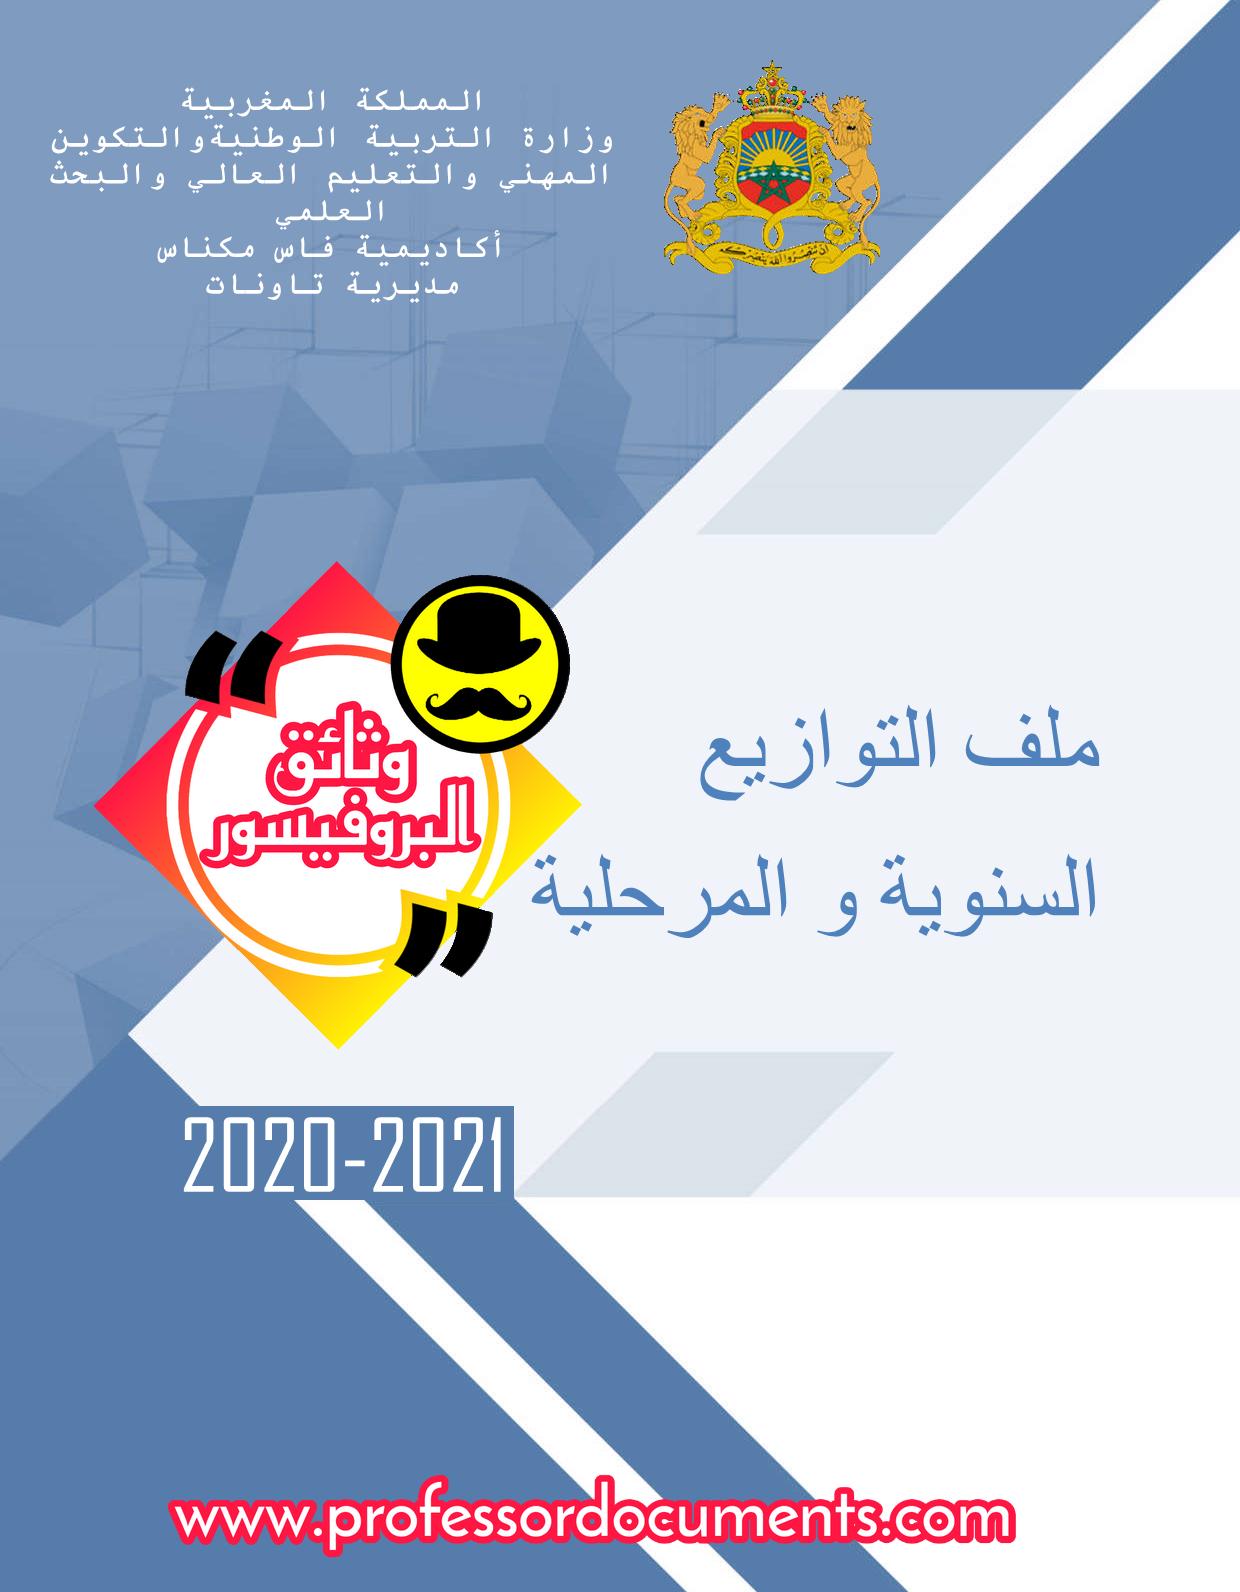 واجهة ملف التوازيع السنوية و المرحلية للتعليم الابتدائي - الموسم الدراسي 2020-2021